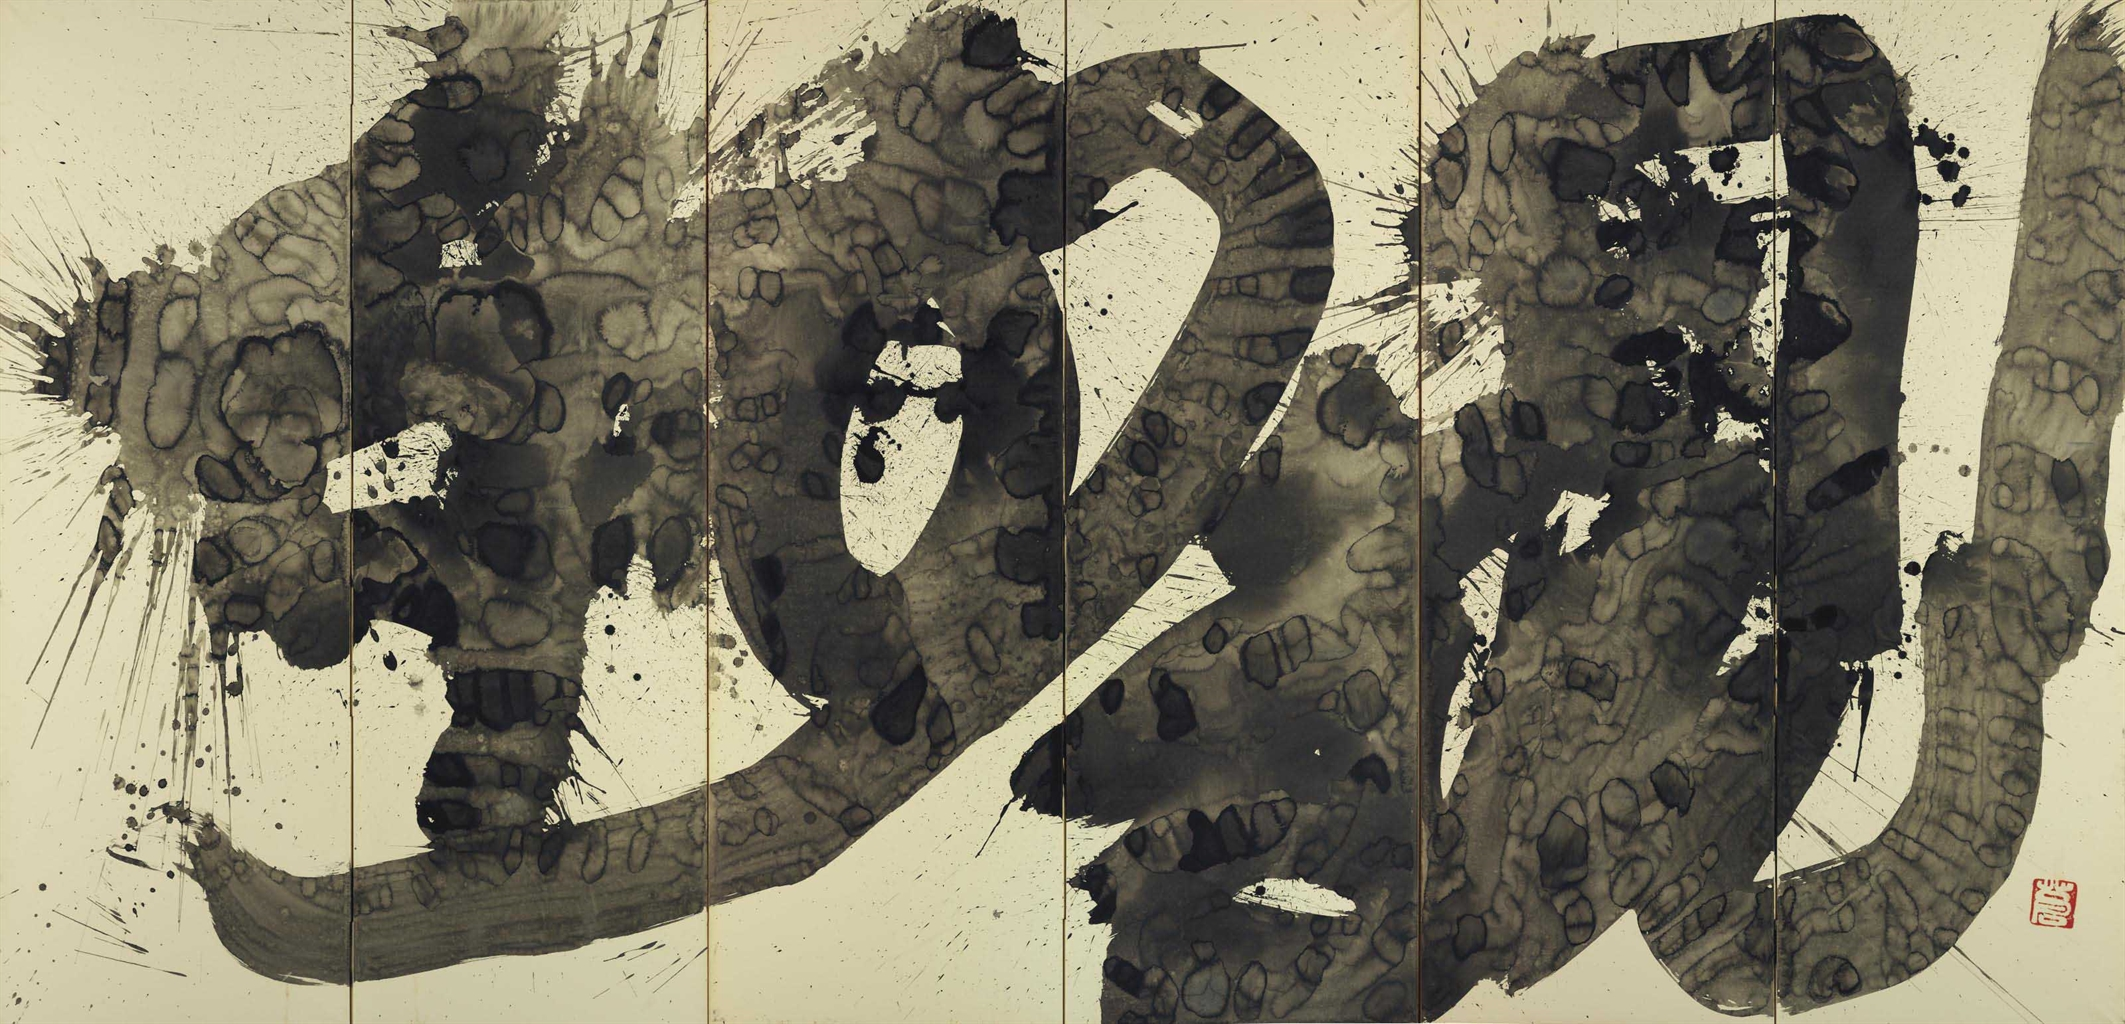 Sofu Teshigahara-Myokan-1968